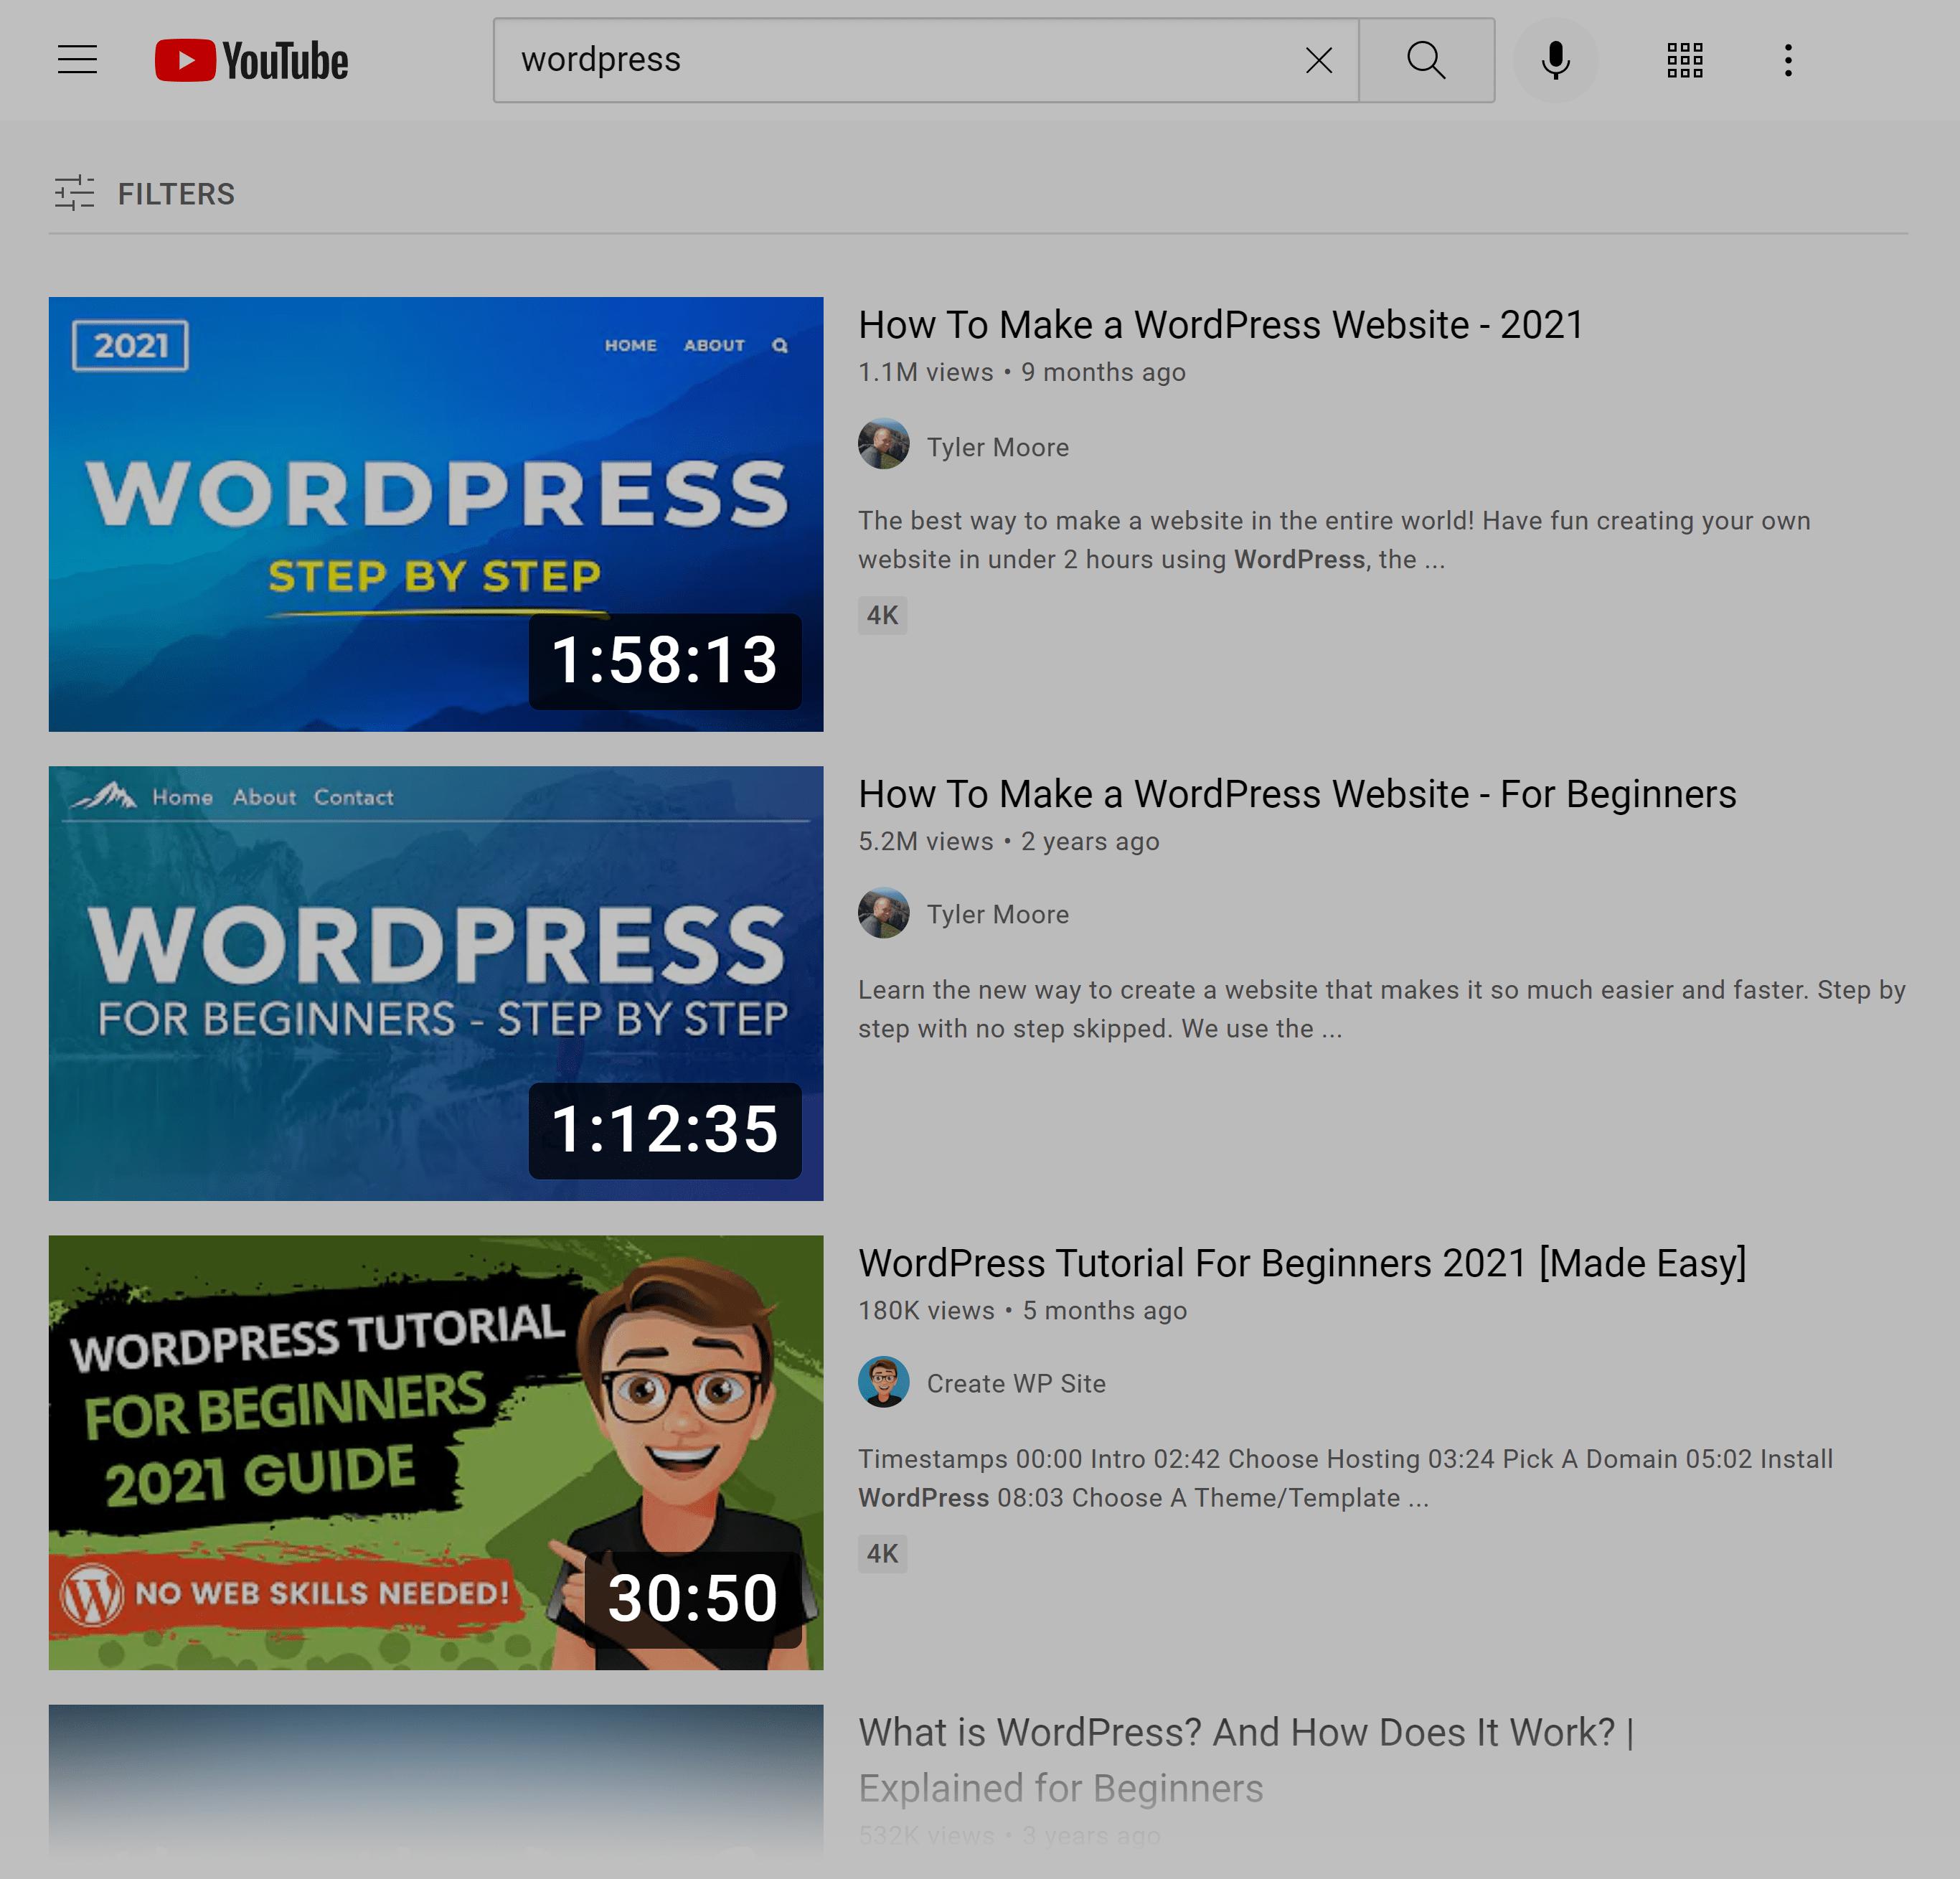 YouTube SERP – Wordpress